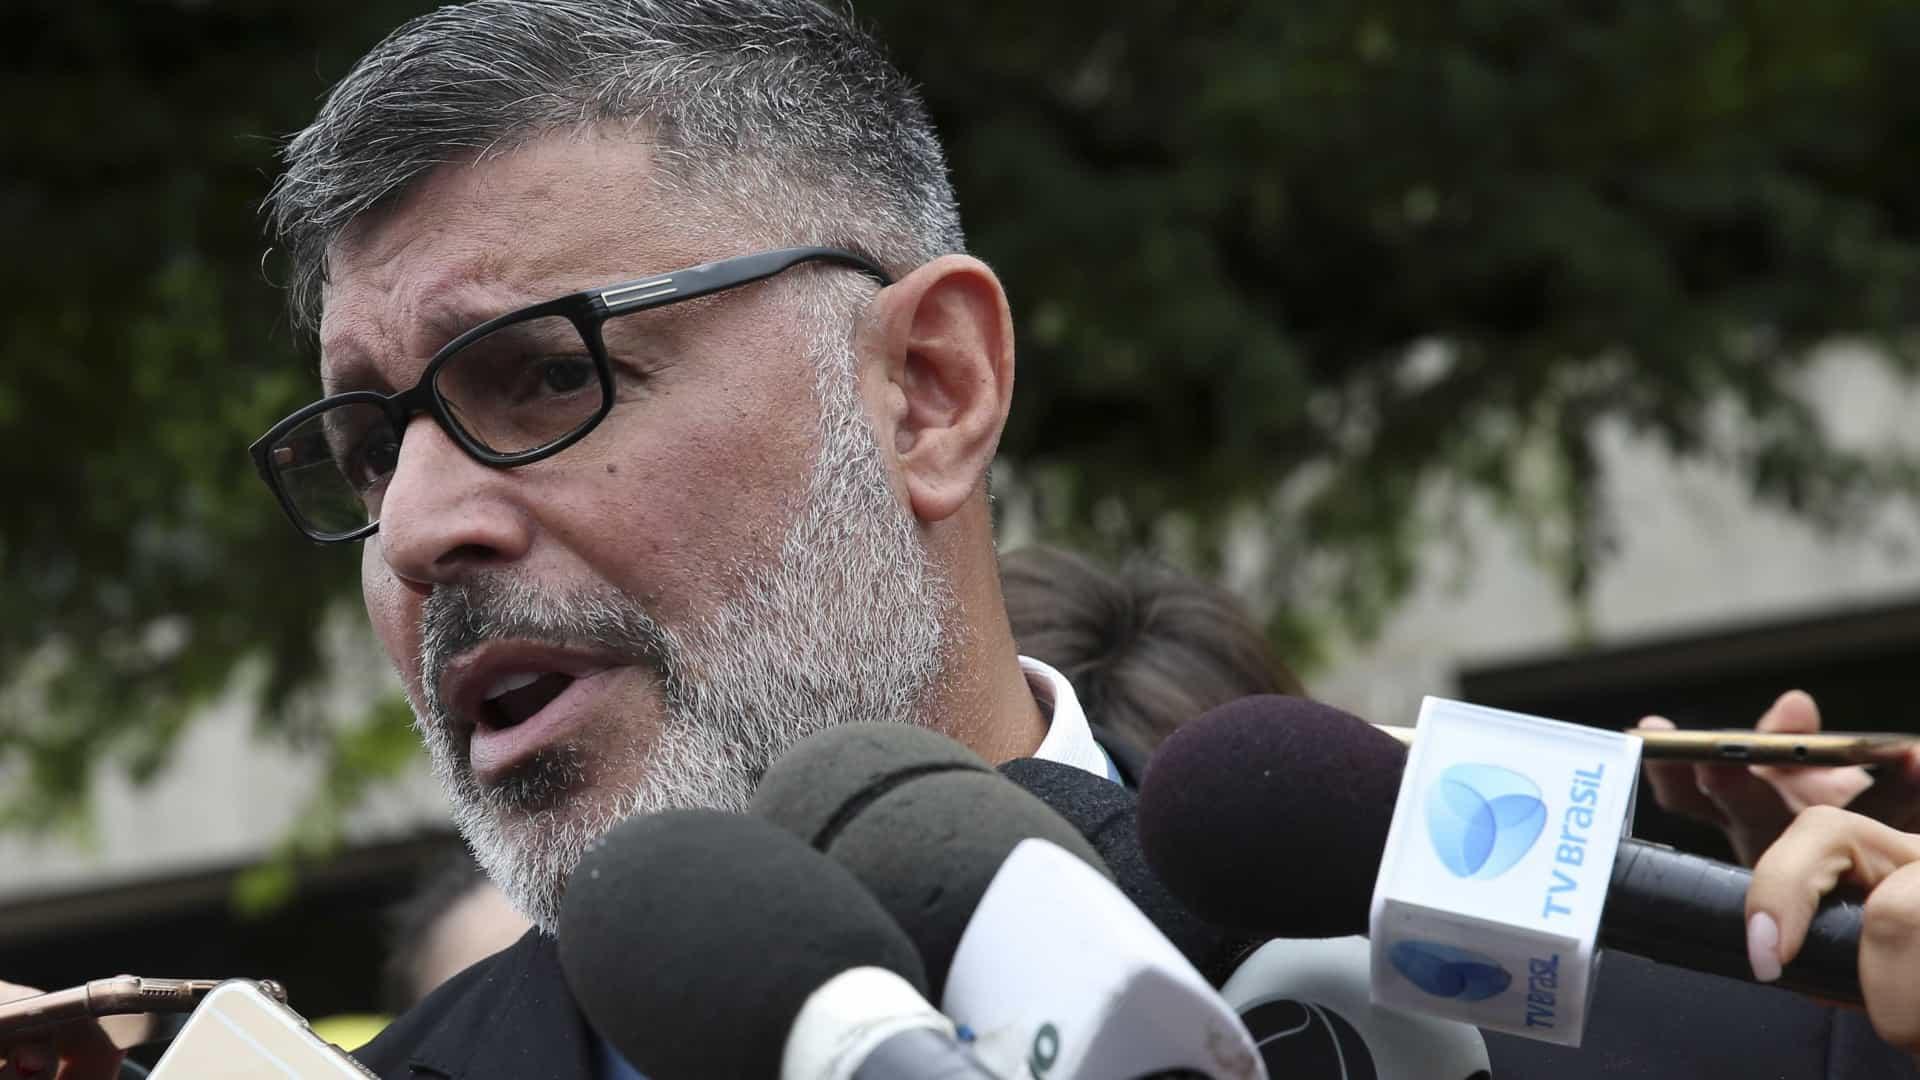 naom 5bfbb716ee5f3 1 - 'INFIEL': PSL expulsa deputado Alexandre Frota após ele criticar presidente e o filho